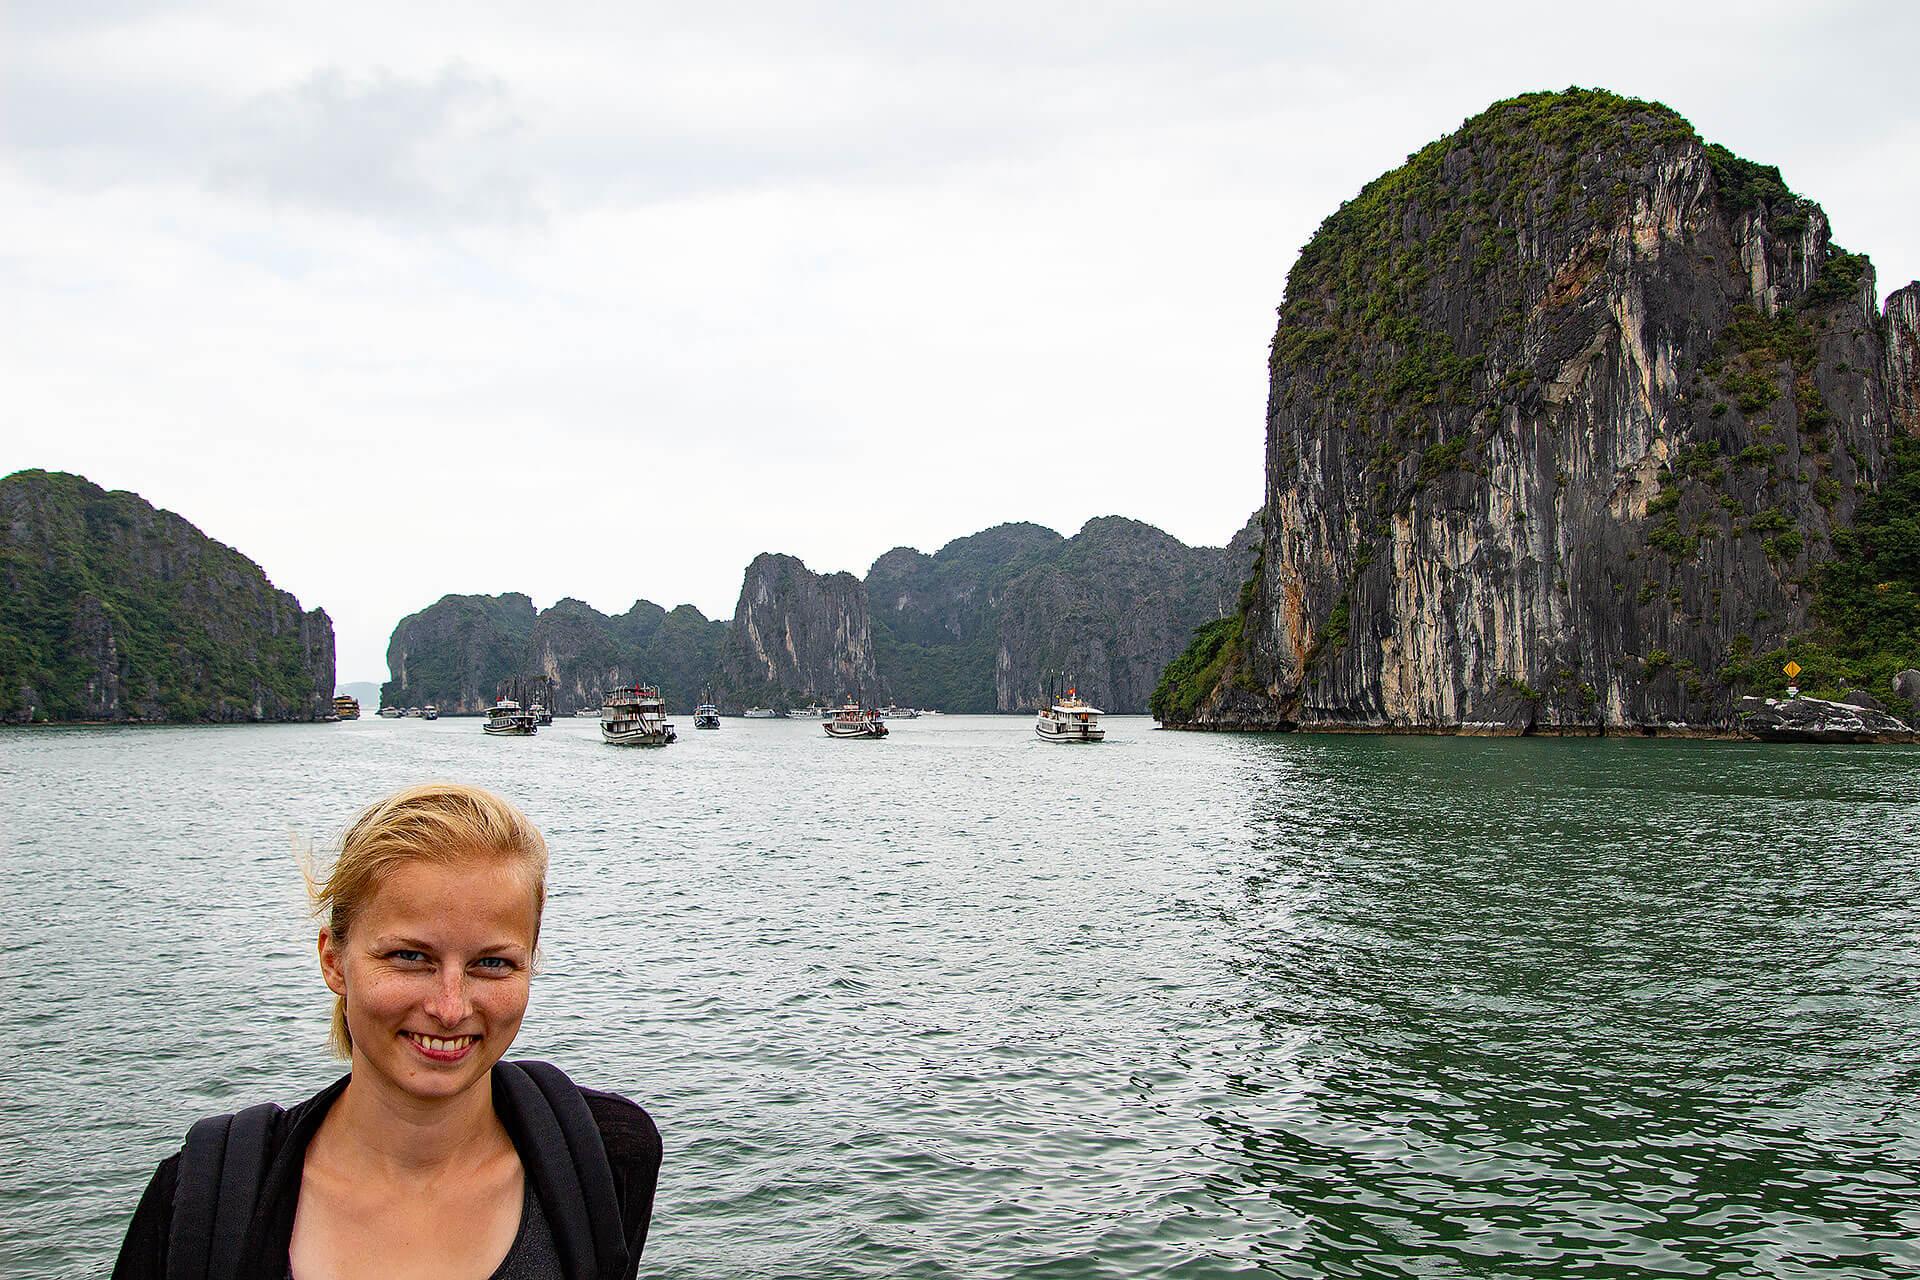 Taschi in der Halong Bucht in Vietnam